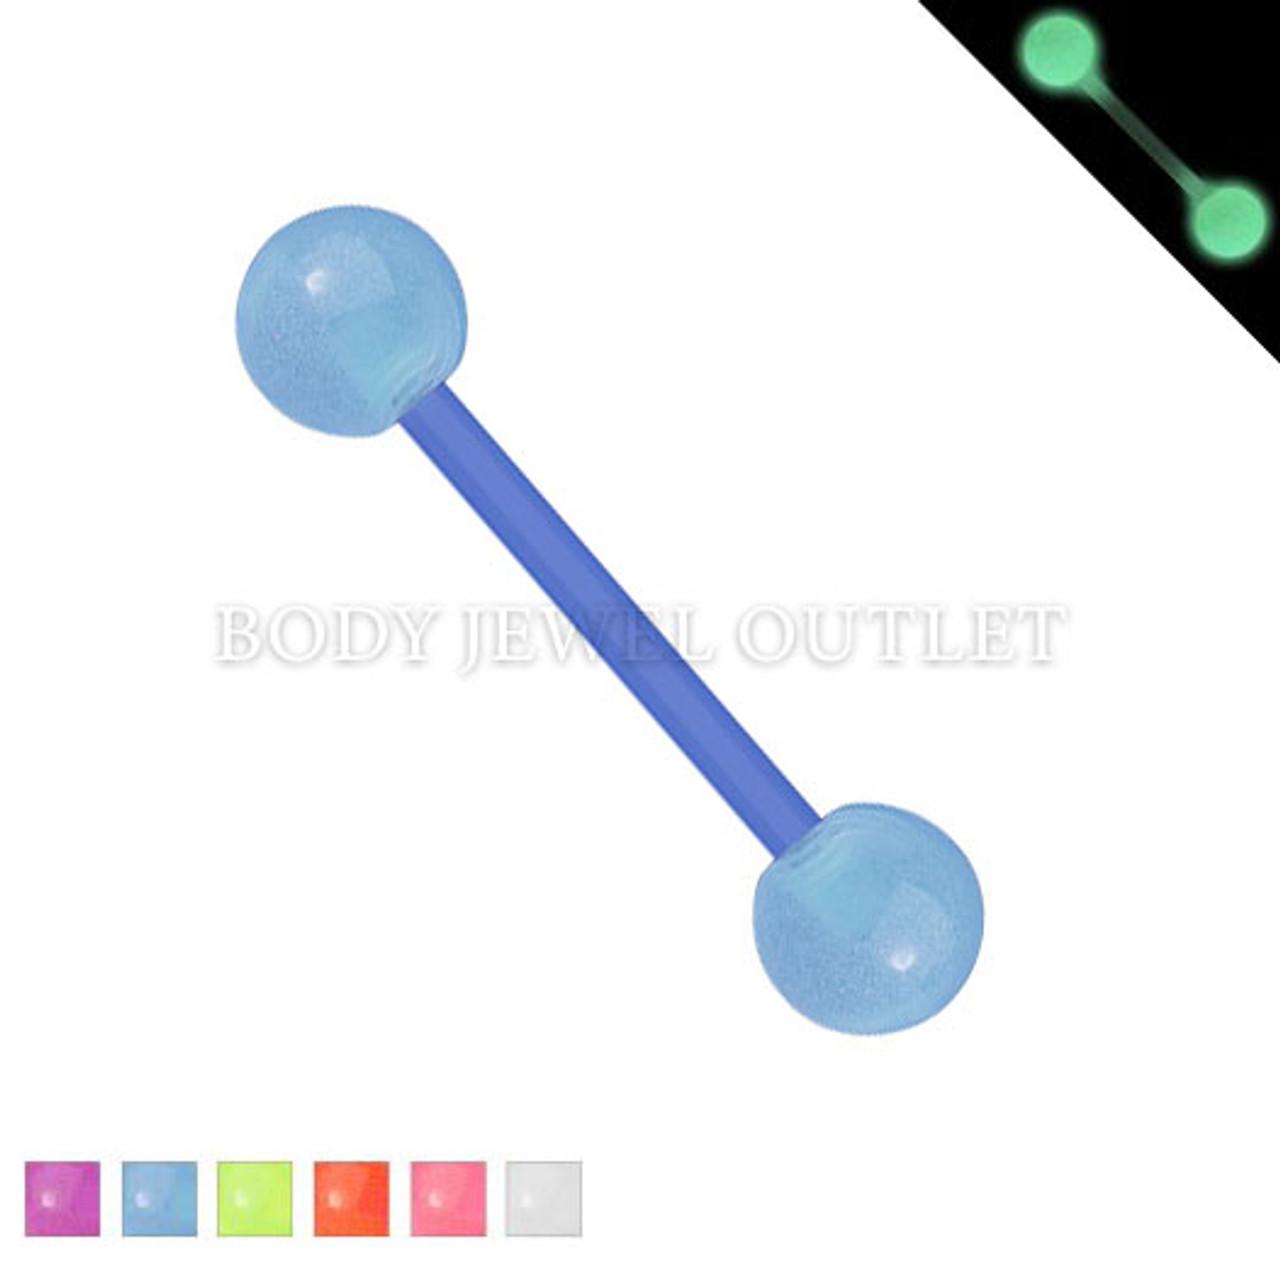 Bio Flex Tongue Piercing Blue Glow in Dark   BodyJewelOutlet